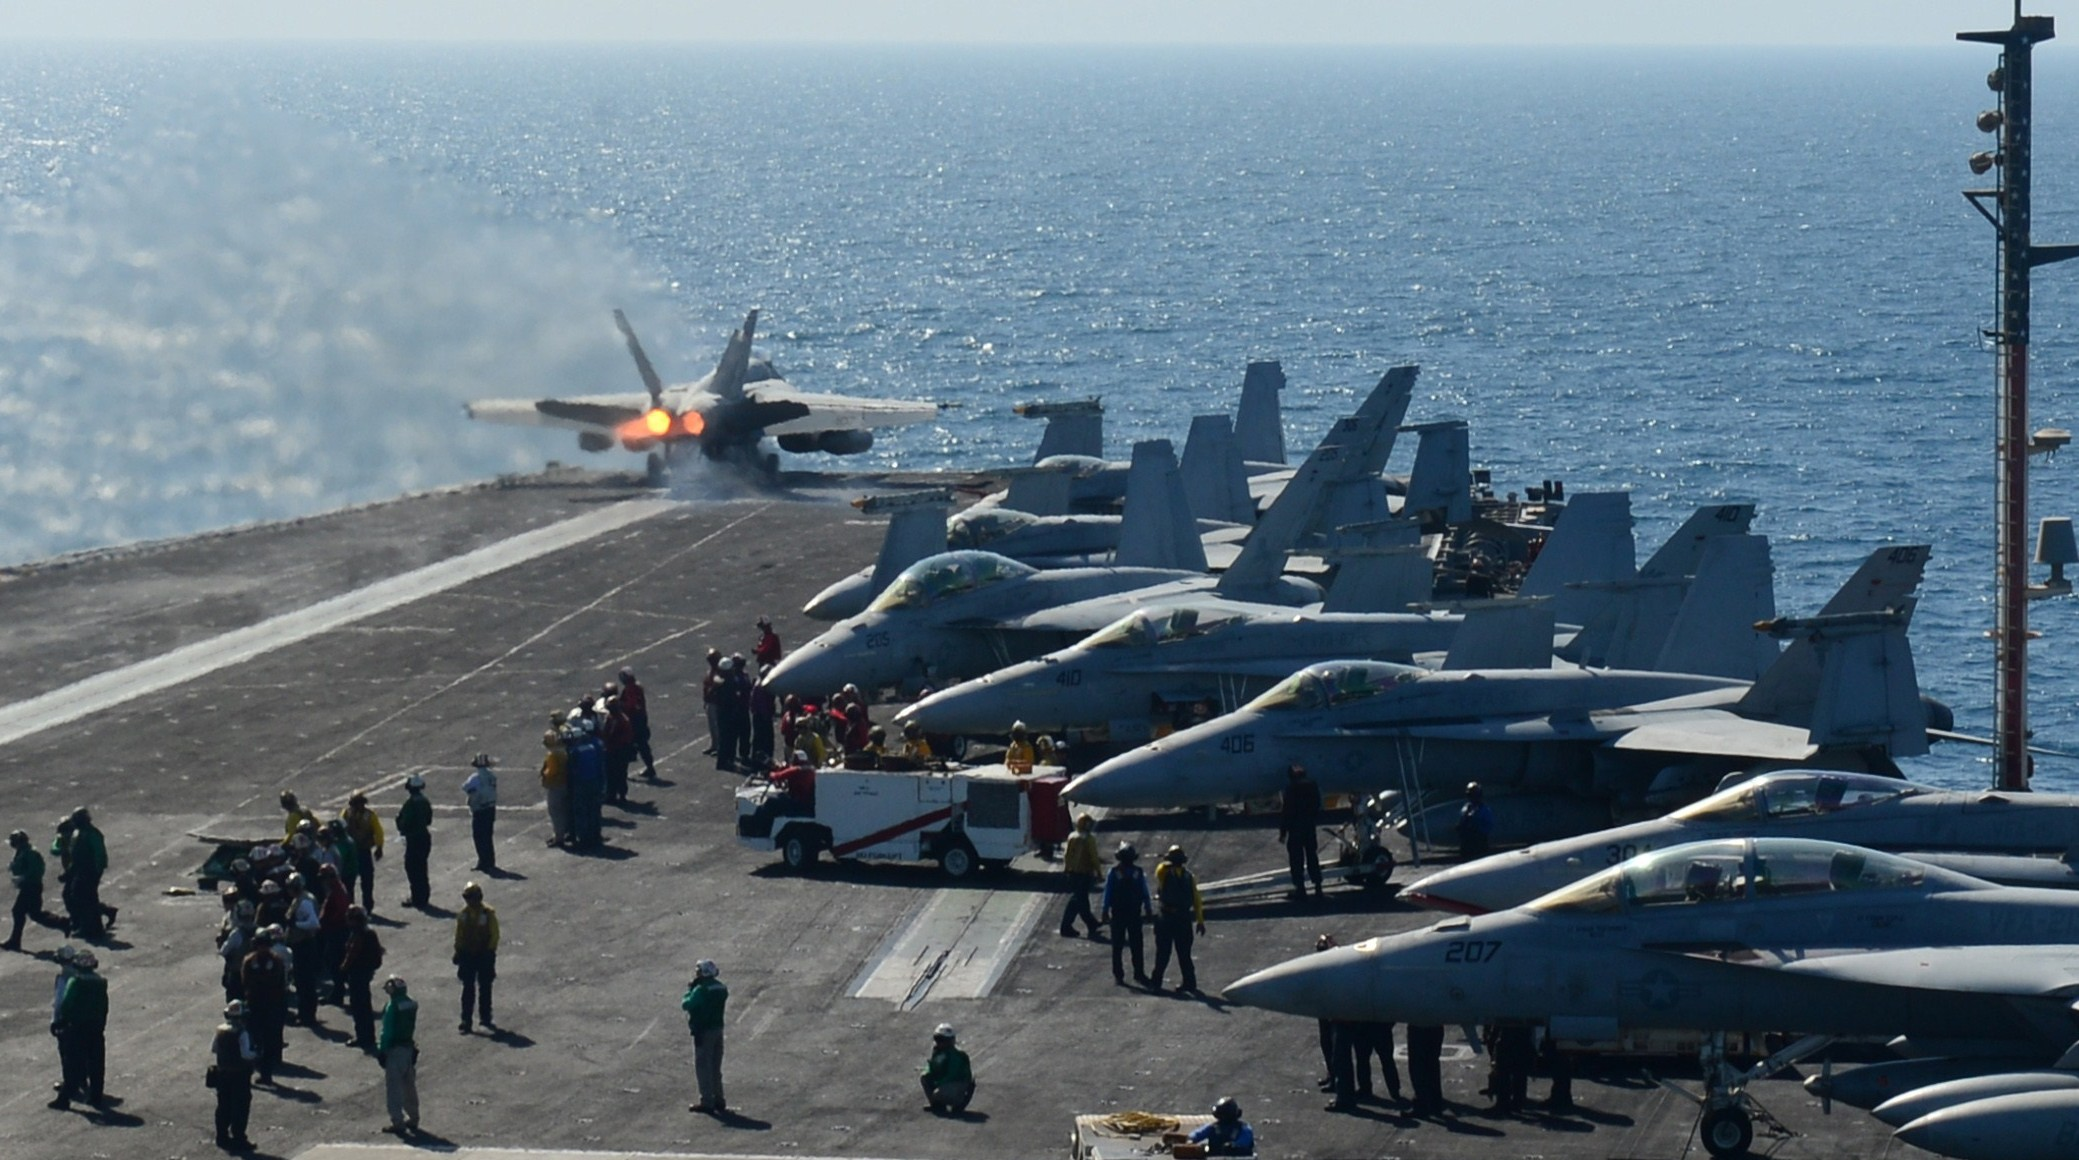 محلل أمني: أمريكا مضطرة لتوسيع قتال داعش خوفا من انتقاله للخليج